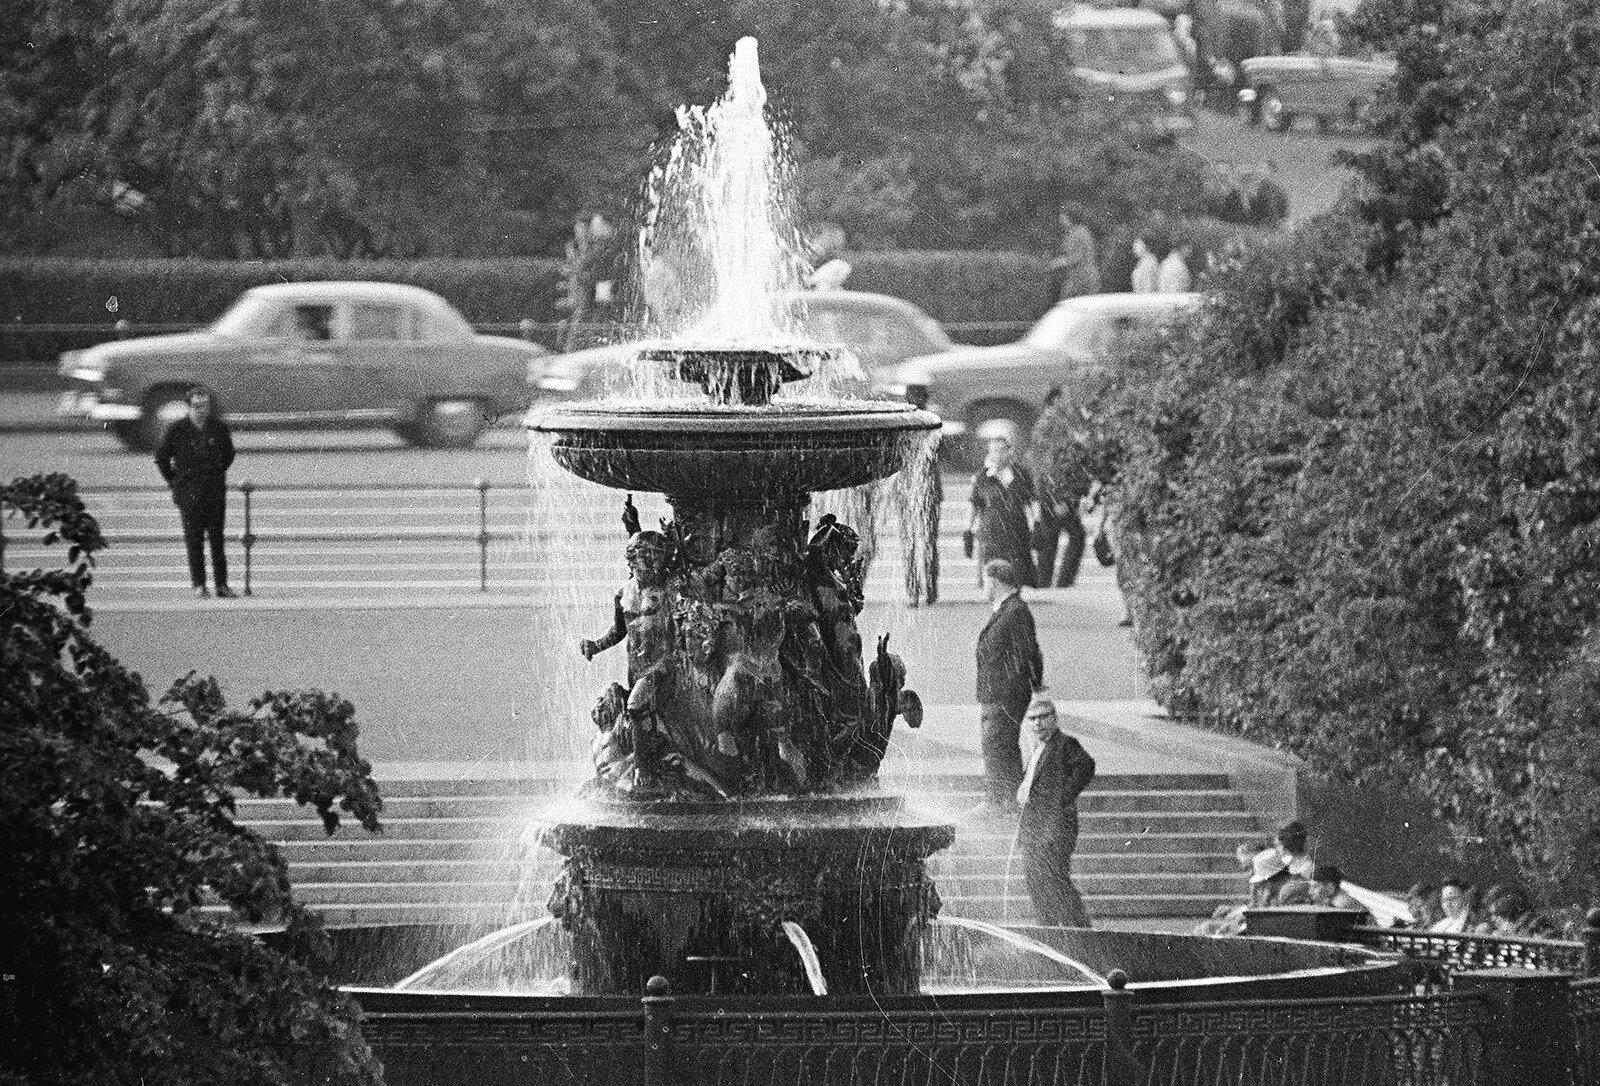 Фонтан Витали (Петровский фонтан) в сквере на площади Свердлова. Фото Е. Кассина, В. ГендеРоте. 25 июня 1965 года. Главархив Москвы